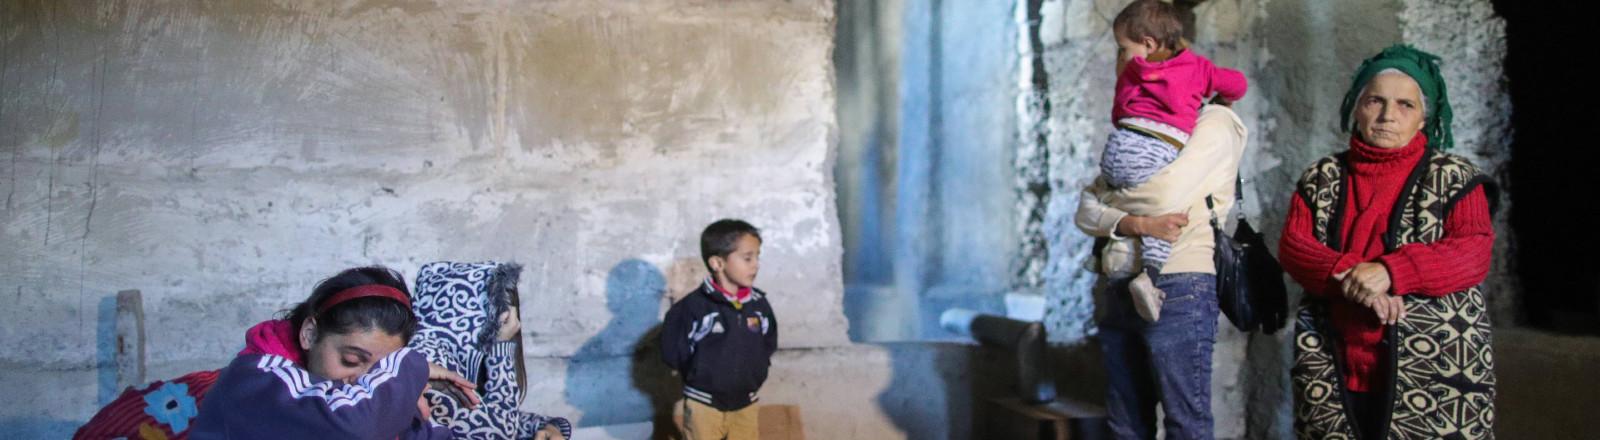 Familie haben sich in einen Luftschutzbunker in Shushi in Bergkarabach am 08.10.2020 geflüchtet.